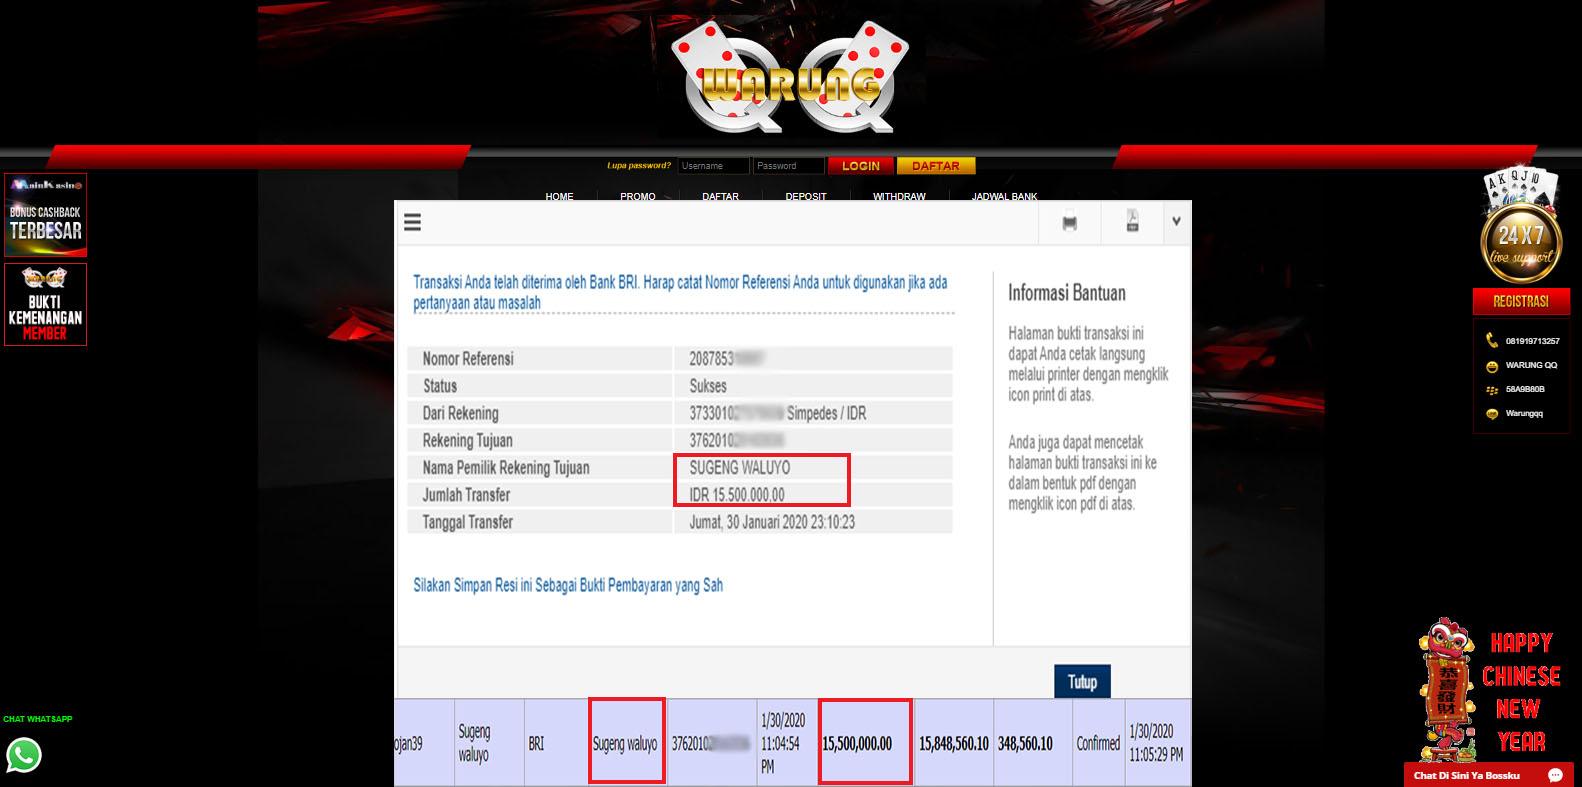 Selamat Kepada Member Setia WARUNGQQ Withdraw RP 15.500.000